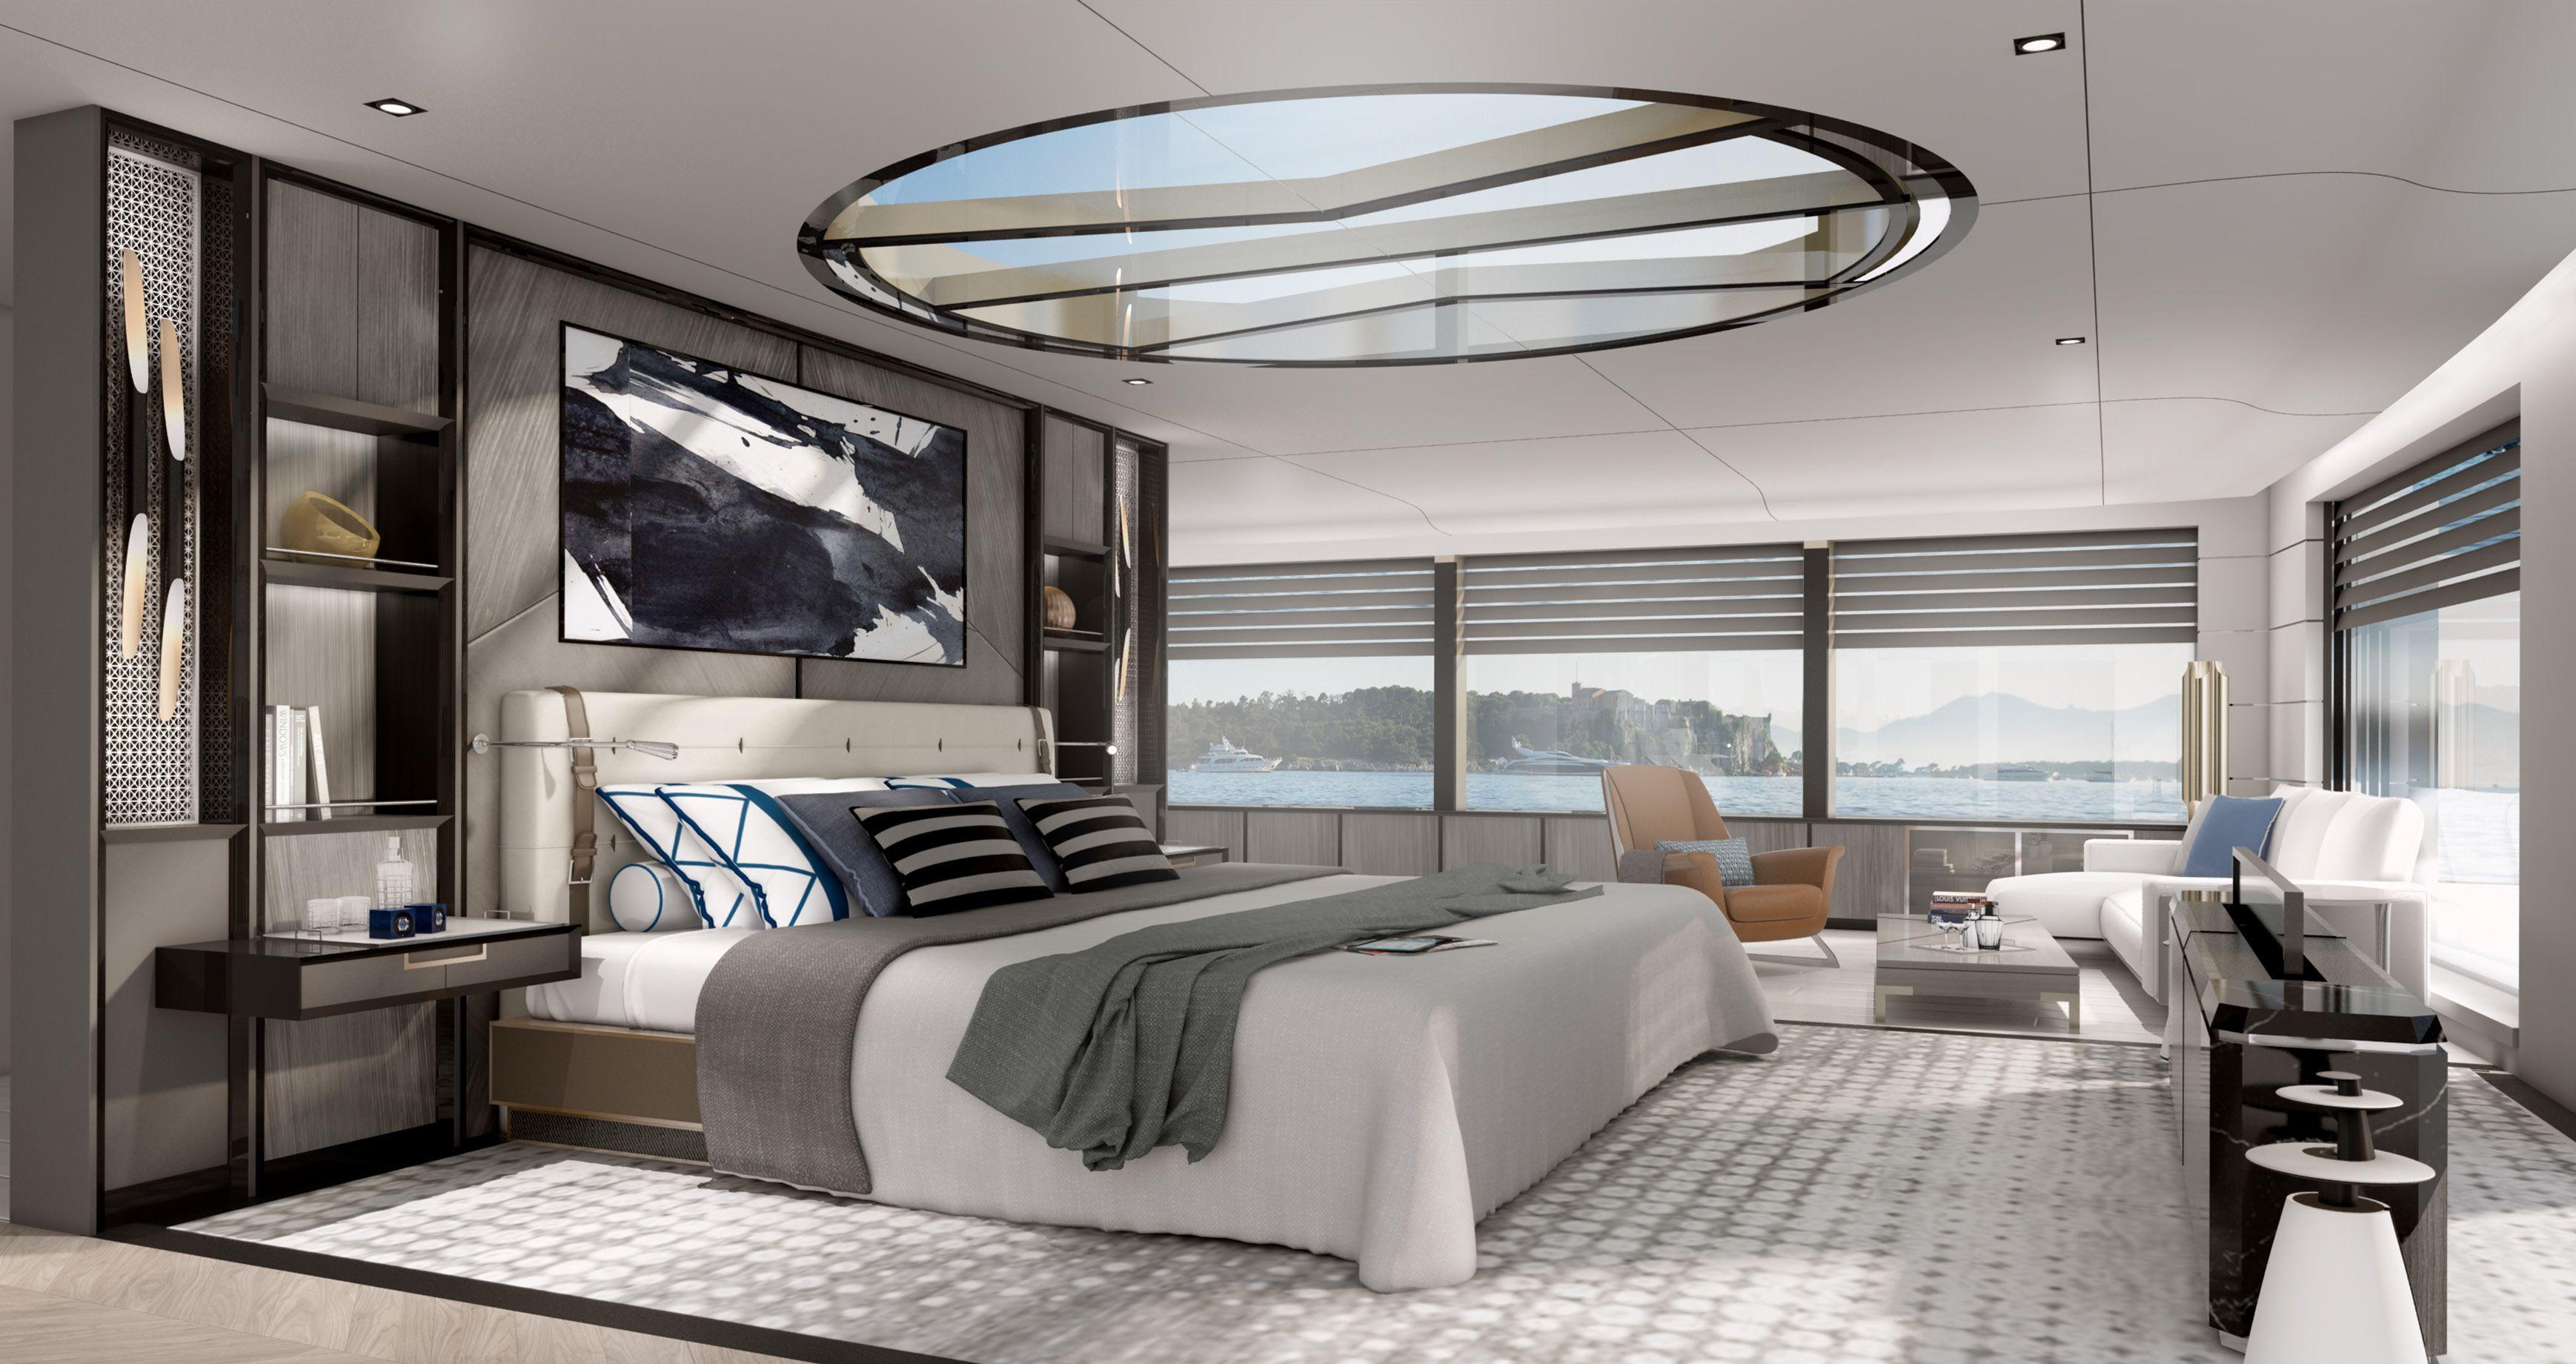 March & White Luxury Superyacht Design M Y Blue Luxury interior